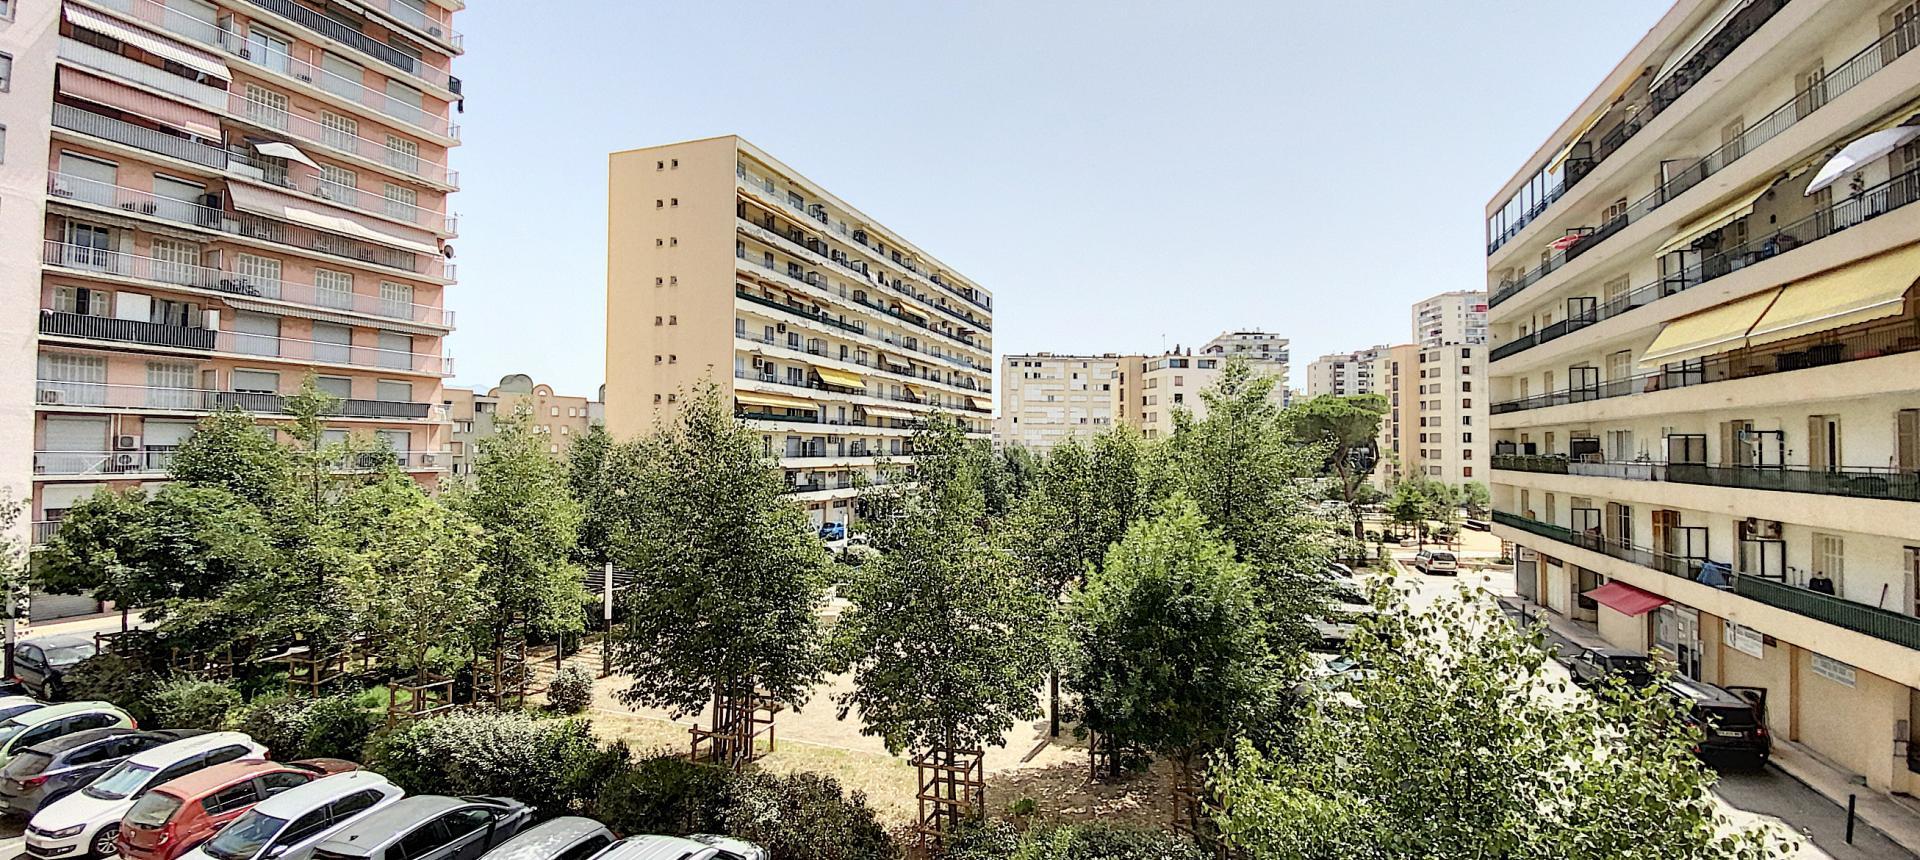 A vendre appartement F3 proche centre-ville - Vue extérieur balcon 2